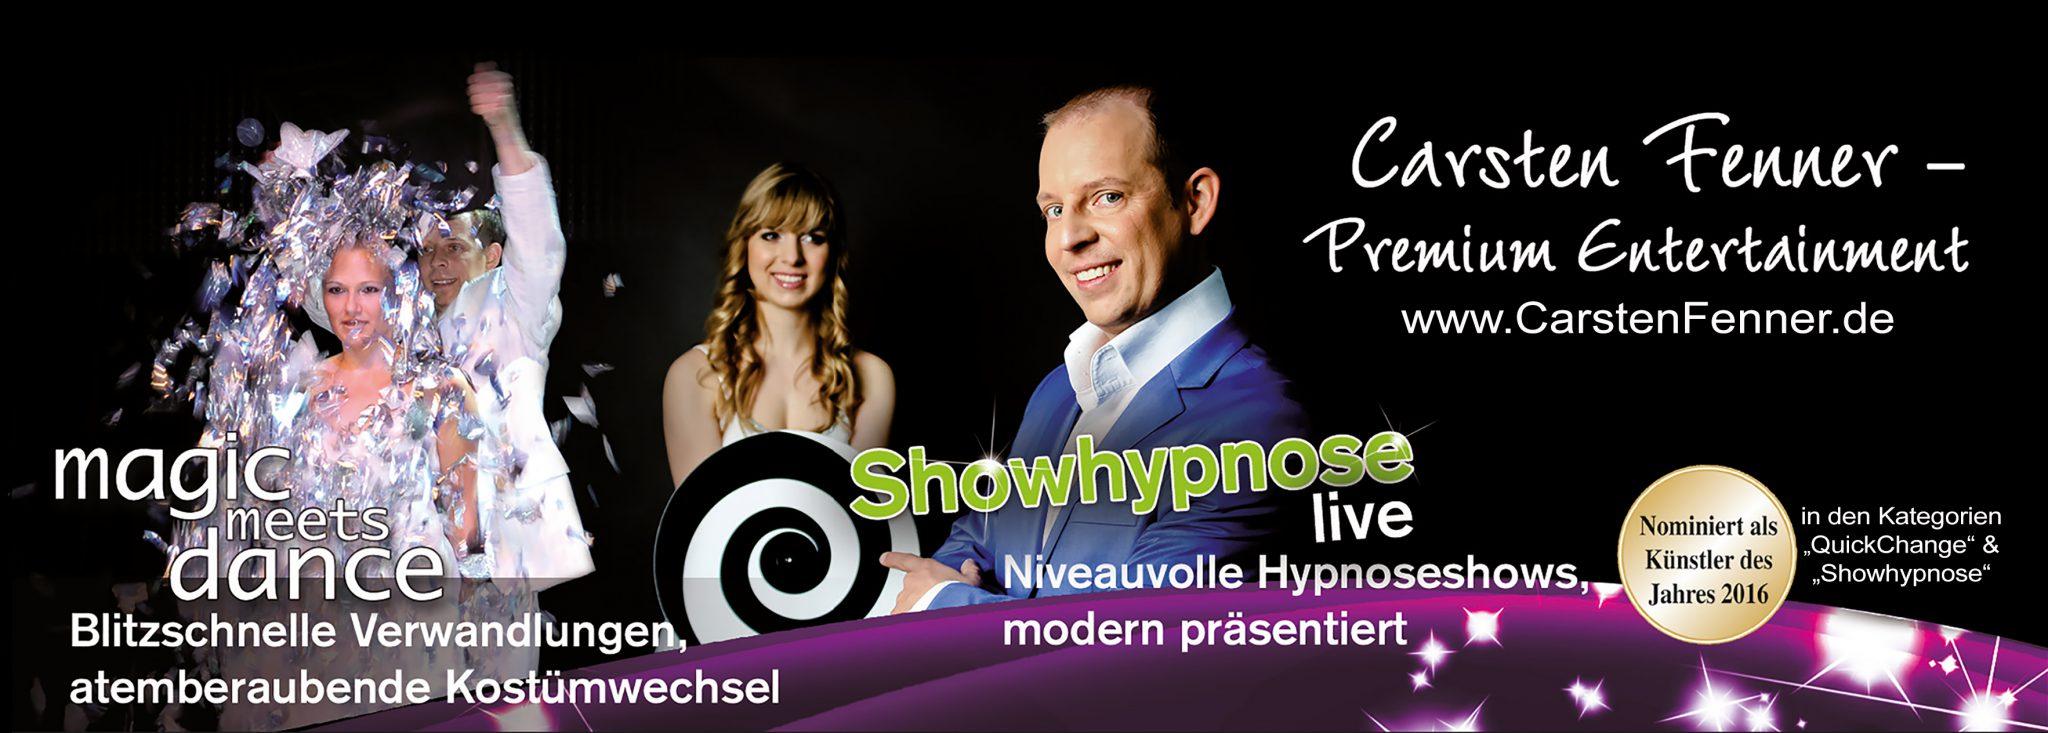 showhypnose buchen mit carsten fenner